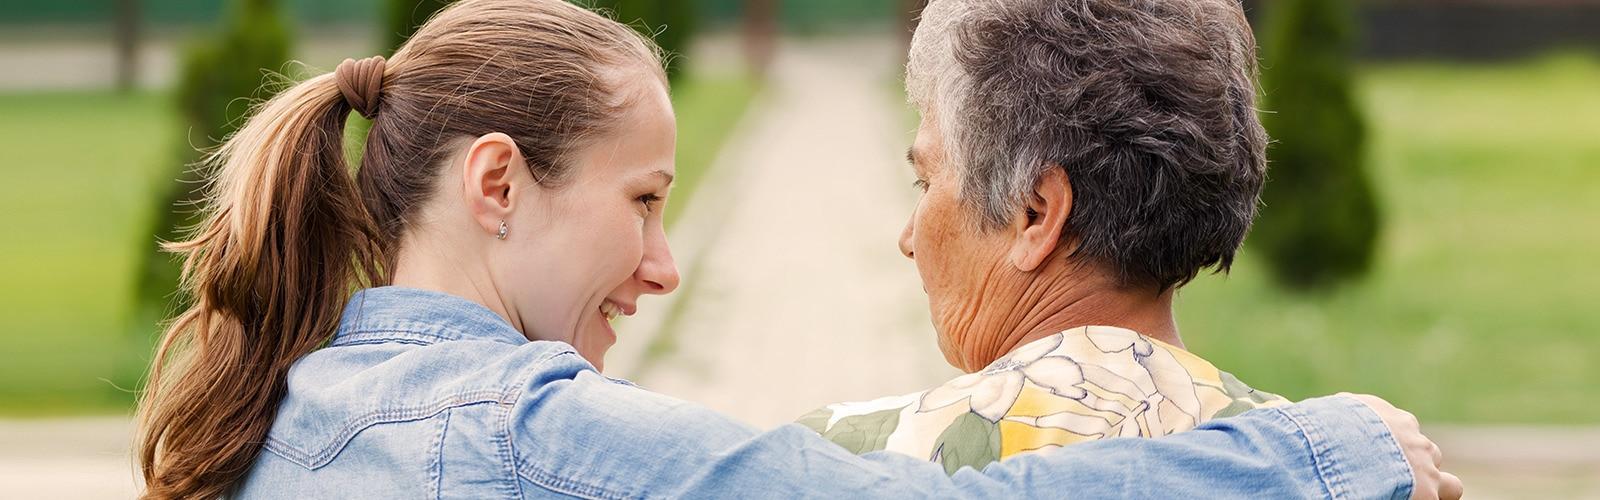 Starejša gospa sedi zunaj z mlajšo žensko – načrtujte nego